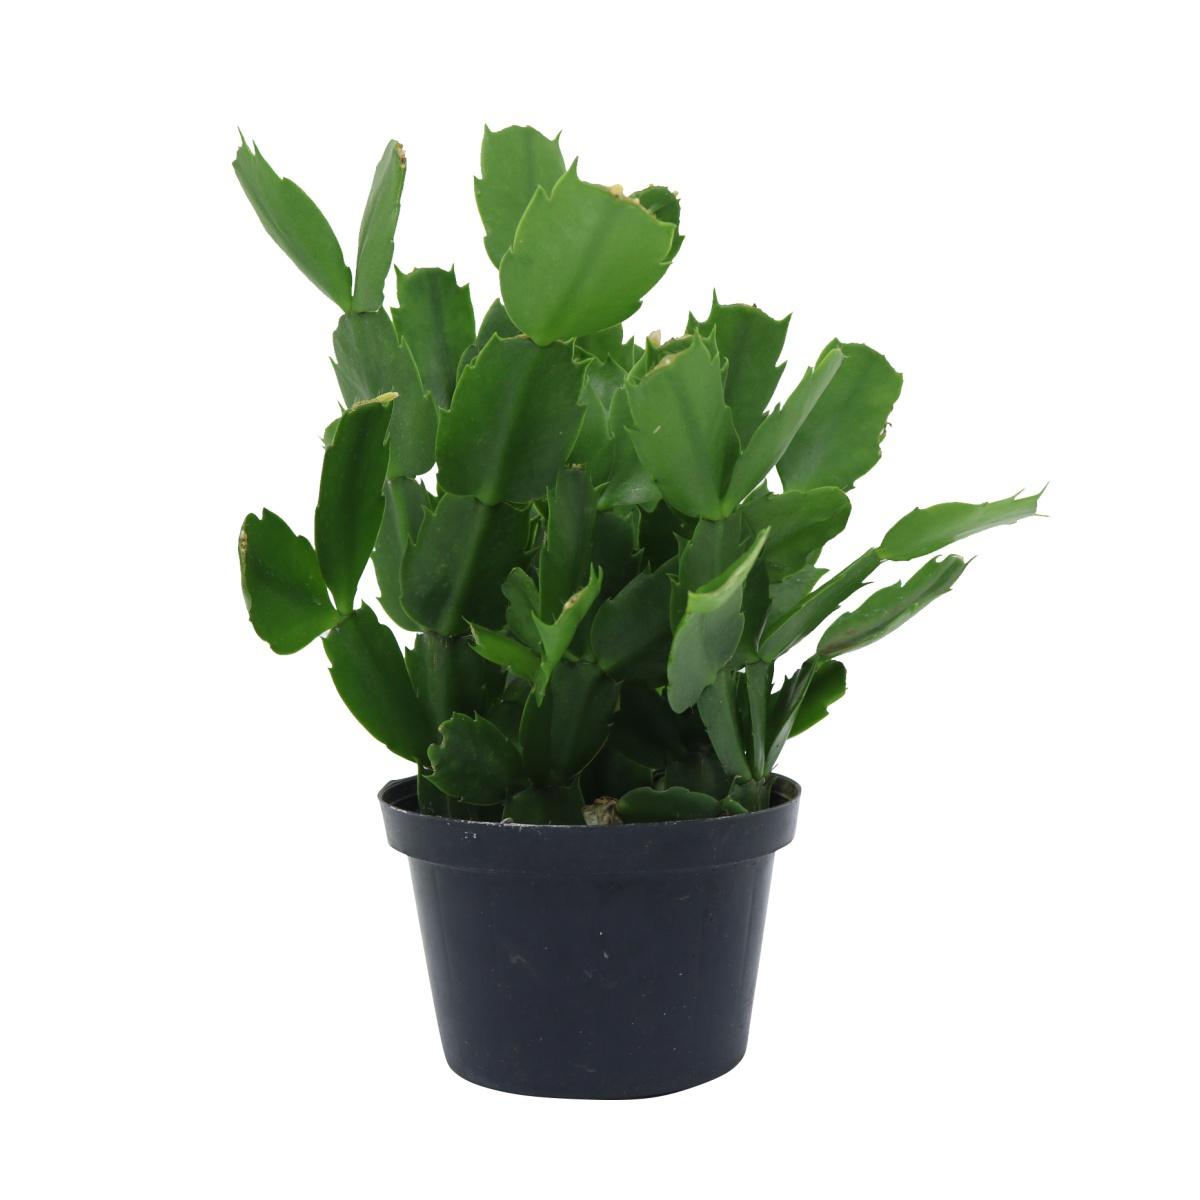 Kit Completo para plantio de Flor de Maio com vaso autoirrigável Médio Preto